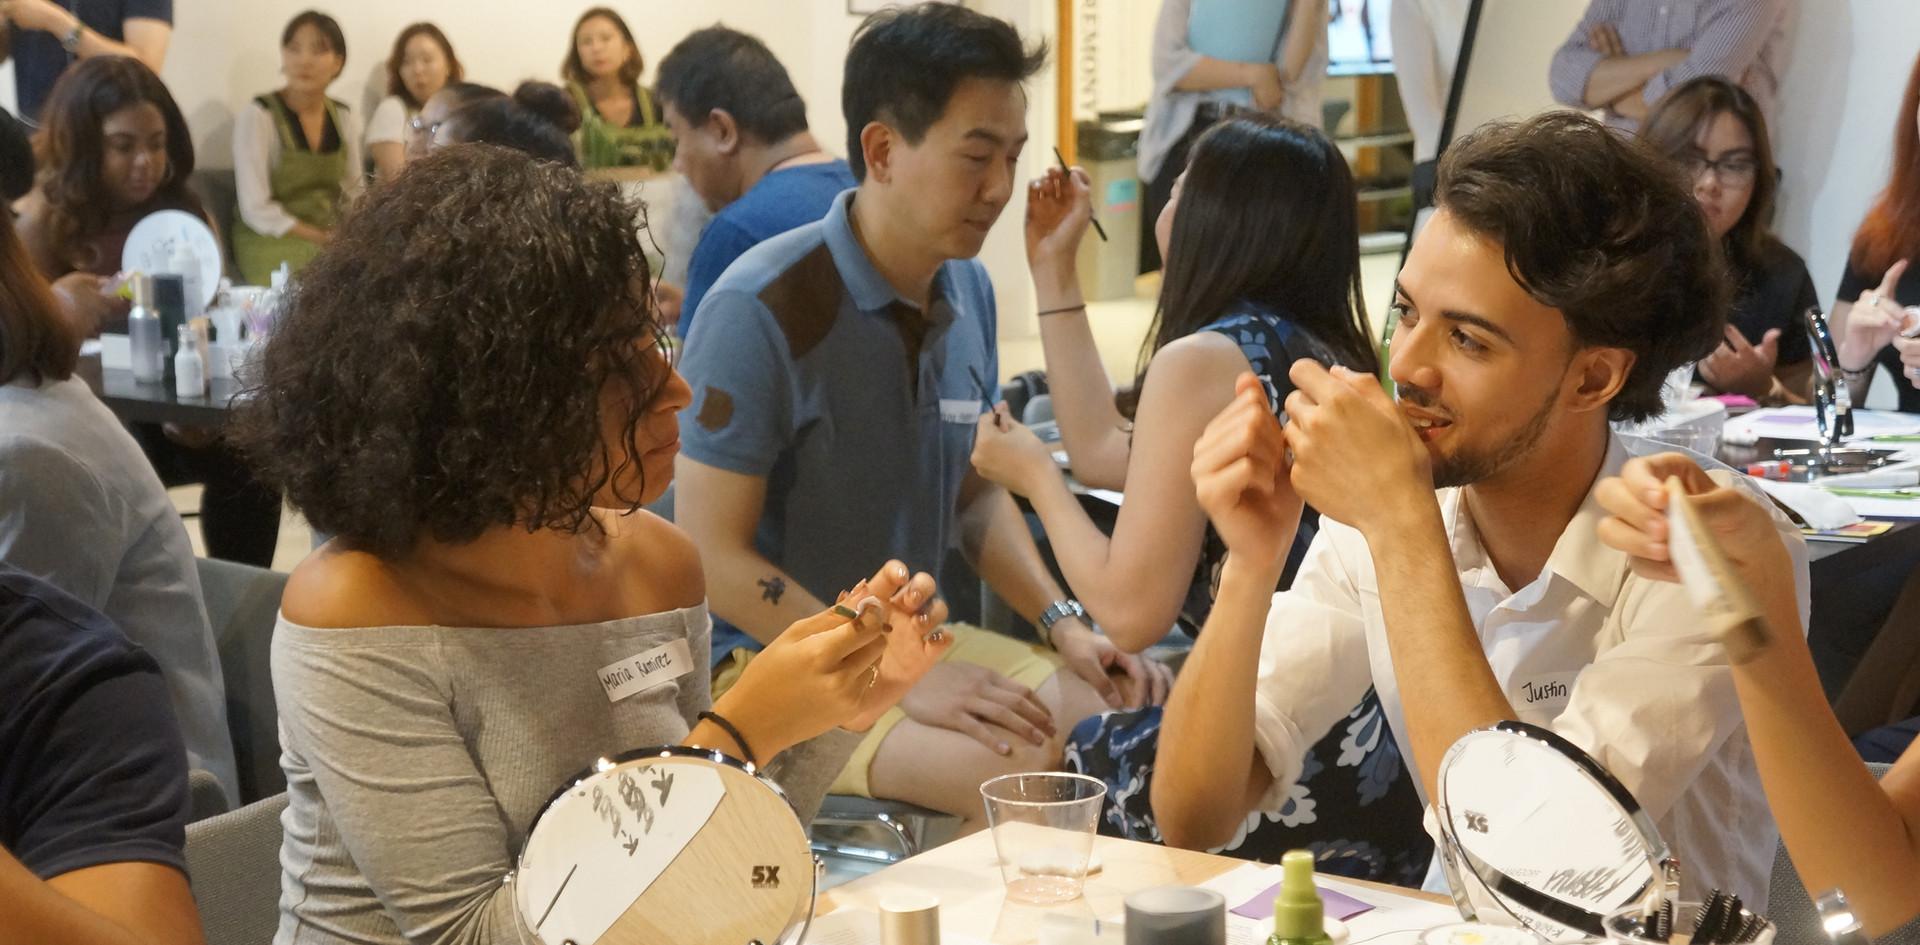 Asamo Cosmetic in New York